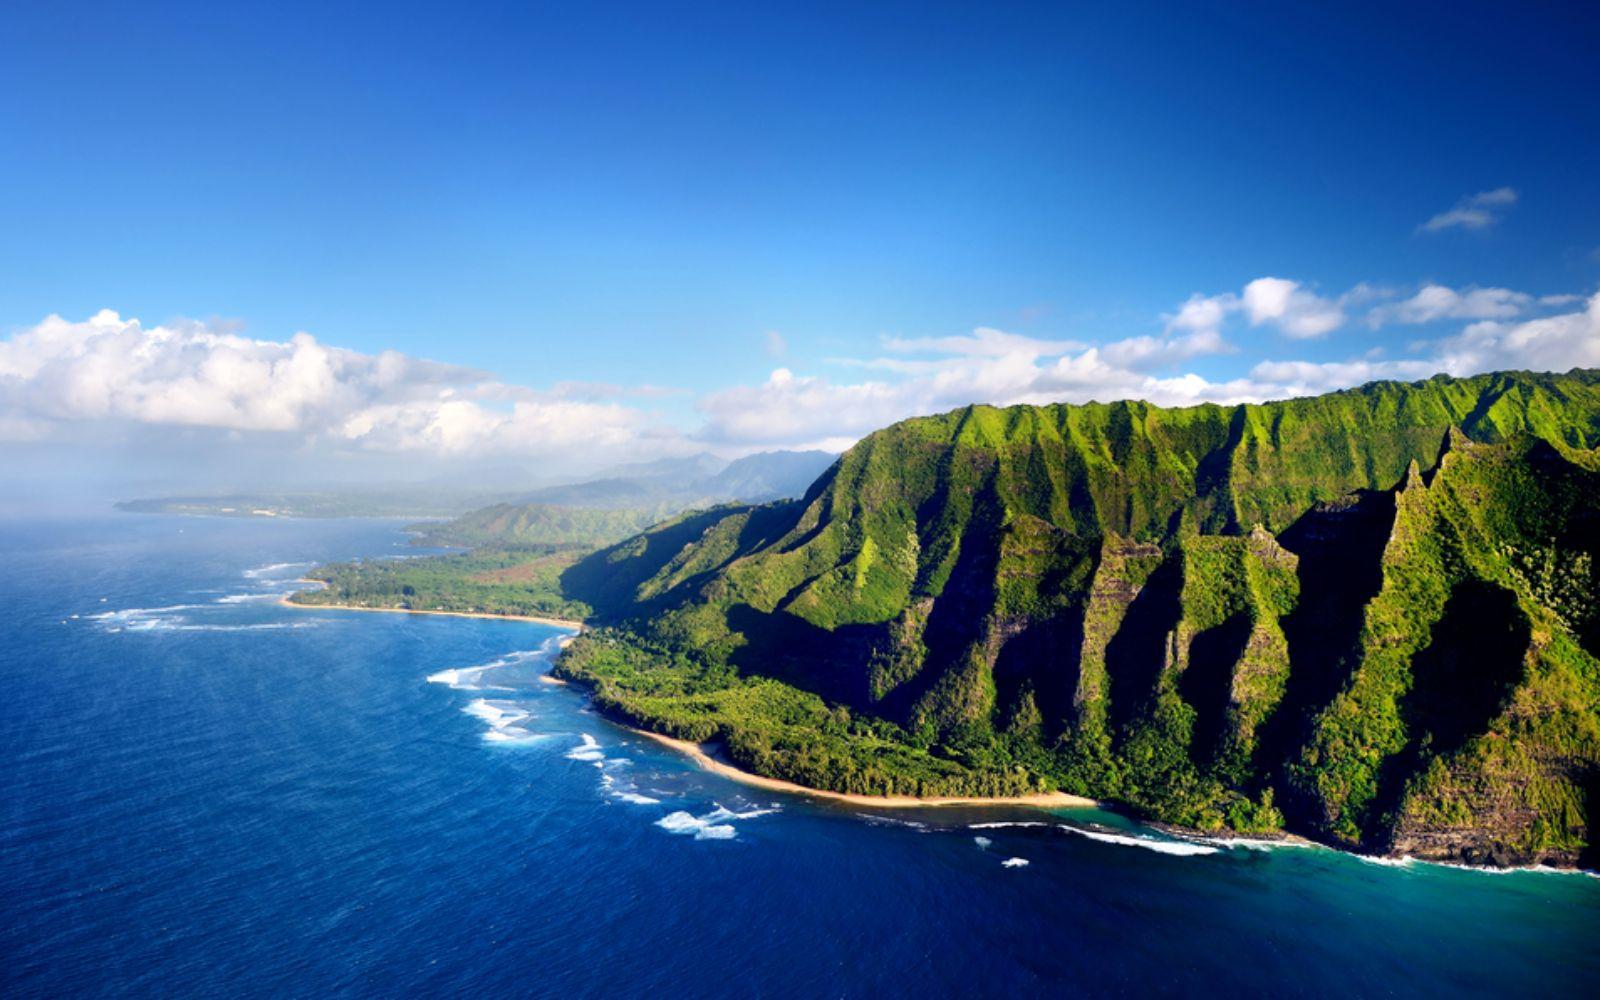 Kauai Hawaii: Elite Alliance